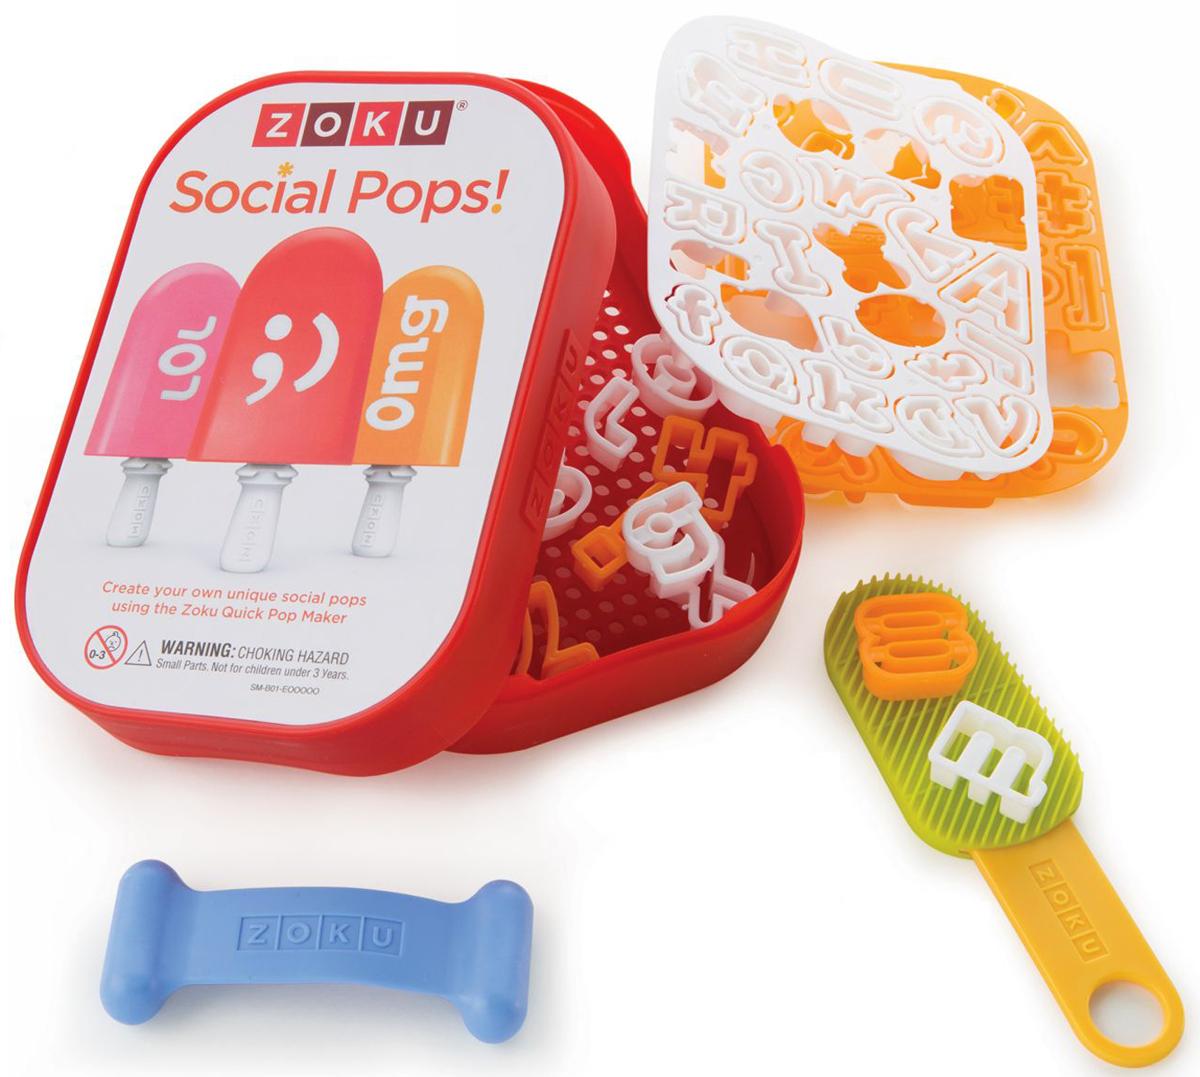 Набор для украшения мороженого Zoku Social Media Kit, 52 предметаZK112Создавайте оригинальные десерты с помощью набора Social Media Kit, украшая их забавными надписями, аббревиатурами, смайликами и лайками! Теперь каждая порция будет иметь свое уникальное оформление, позволяя вам легко определить, какой из замороженных соков кому принадлежит. Порадуйте своих друзей и знакомых не только вкусными, но и красивыми домашними десертами!Набор включает в себя:- 49 трафаретов;- 1 палочка для фруктов;- 1 лицевую пластину;- 1 подставку;Для создания собственных украшений нарежьте любой фрукт тонкими ломтиками, выберите нужный трафарет и выдавите его с помощью специальной палочки. Нанесите полученный узор на лицевую пластину и вставьте ее в любой охлажденный заранее Quick Pop Maker. Форма должна стоять на боку на подставке. Прижмите пластину к верхнему краю и подержите так 15-30 секунд. После этого готовьте мороженое как обычно. Не содержит вредных примесей и бисфенола-А. Моется вручную.